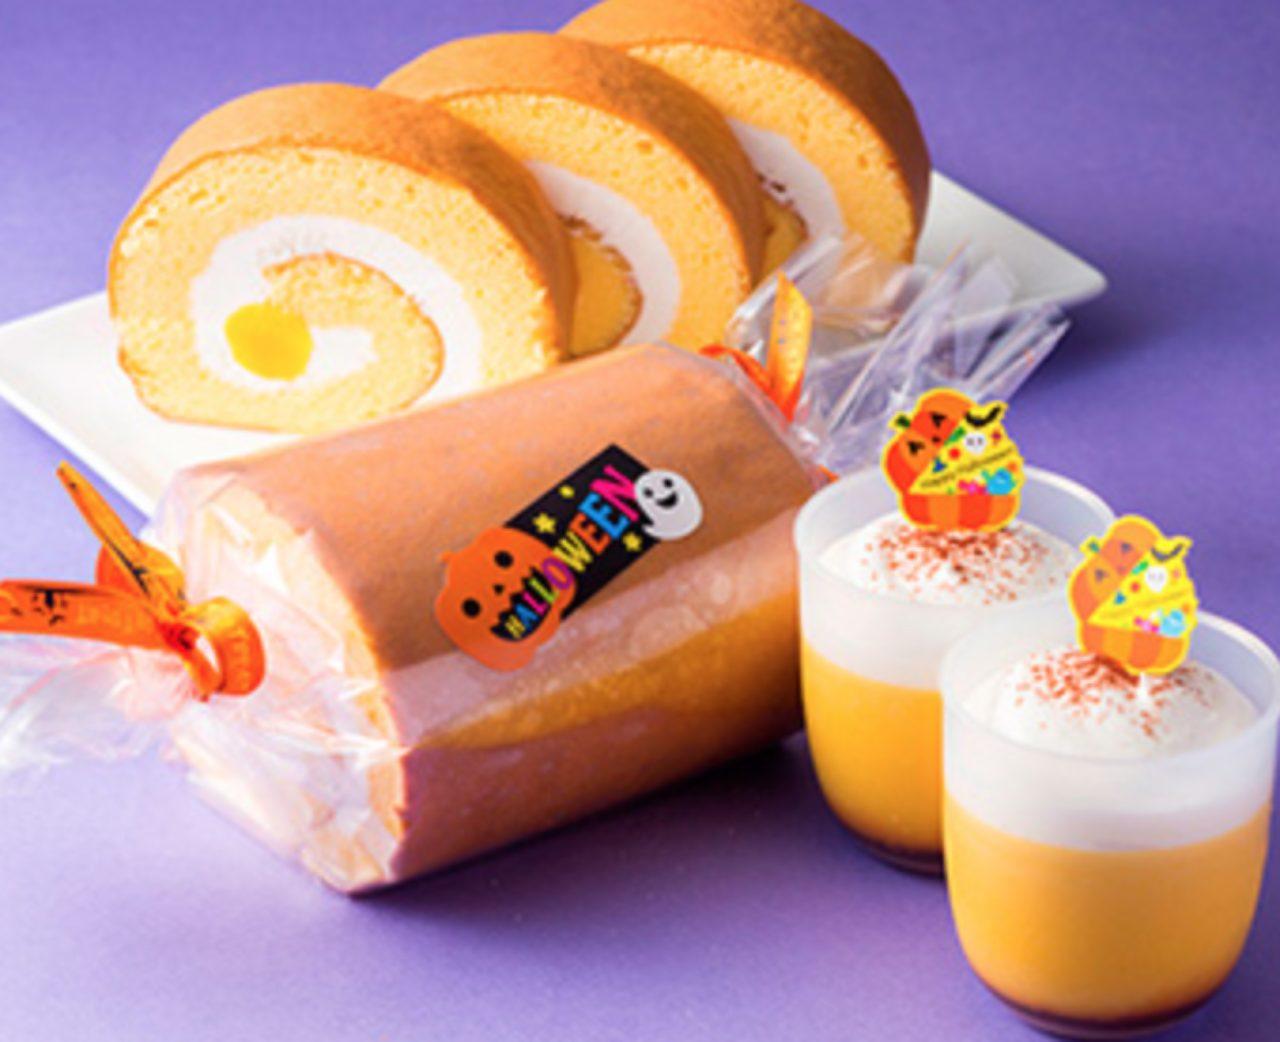 画像: 「パンプキンロール」 1本 900円 ロール生地にかぼちゃクリームを塗って巻きあげました。